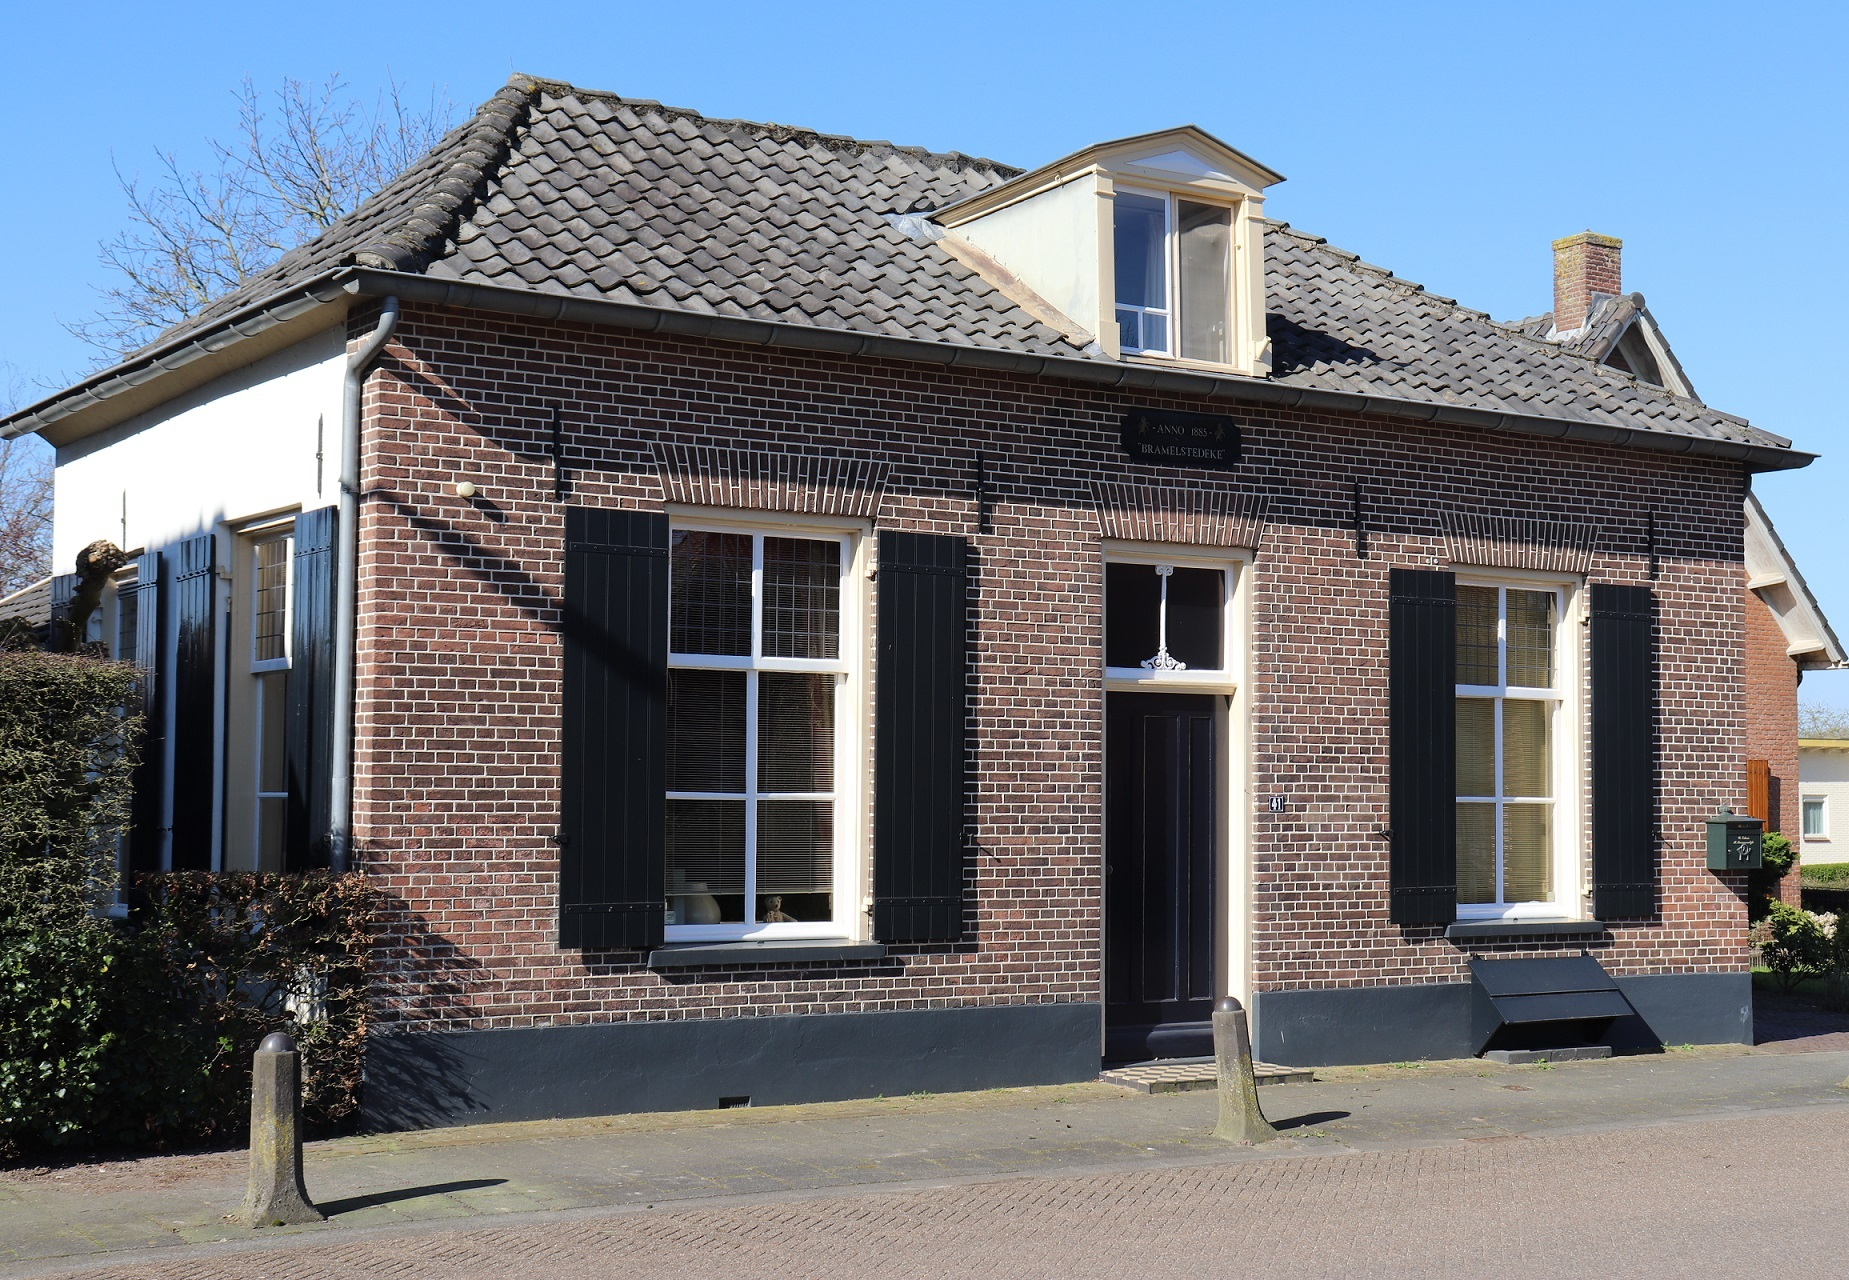 Dorpsstraat 41 Steenderen